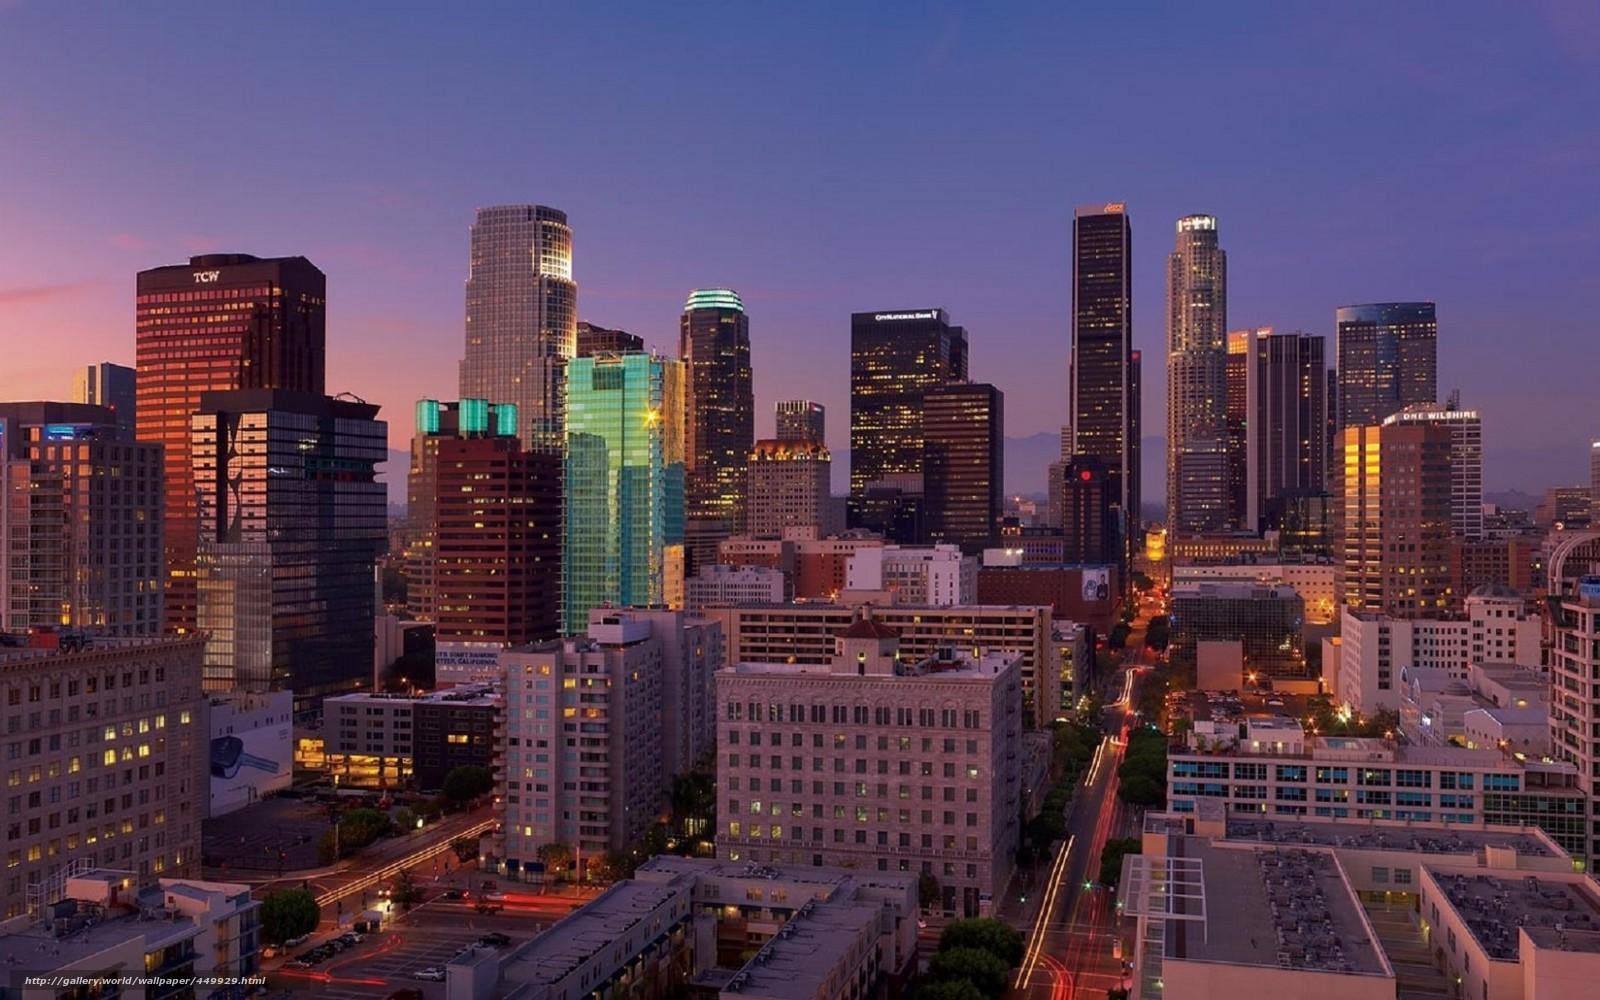 壁紙をダウンロード 米国 カリフォルニア ロサンゼルス市 シティ デスクトップの解像度のための無料壁紙 1680x1050 絵